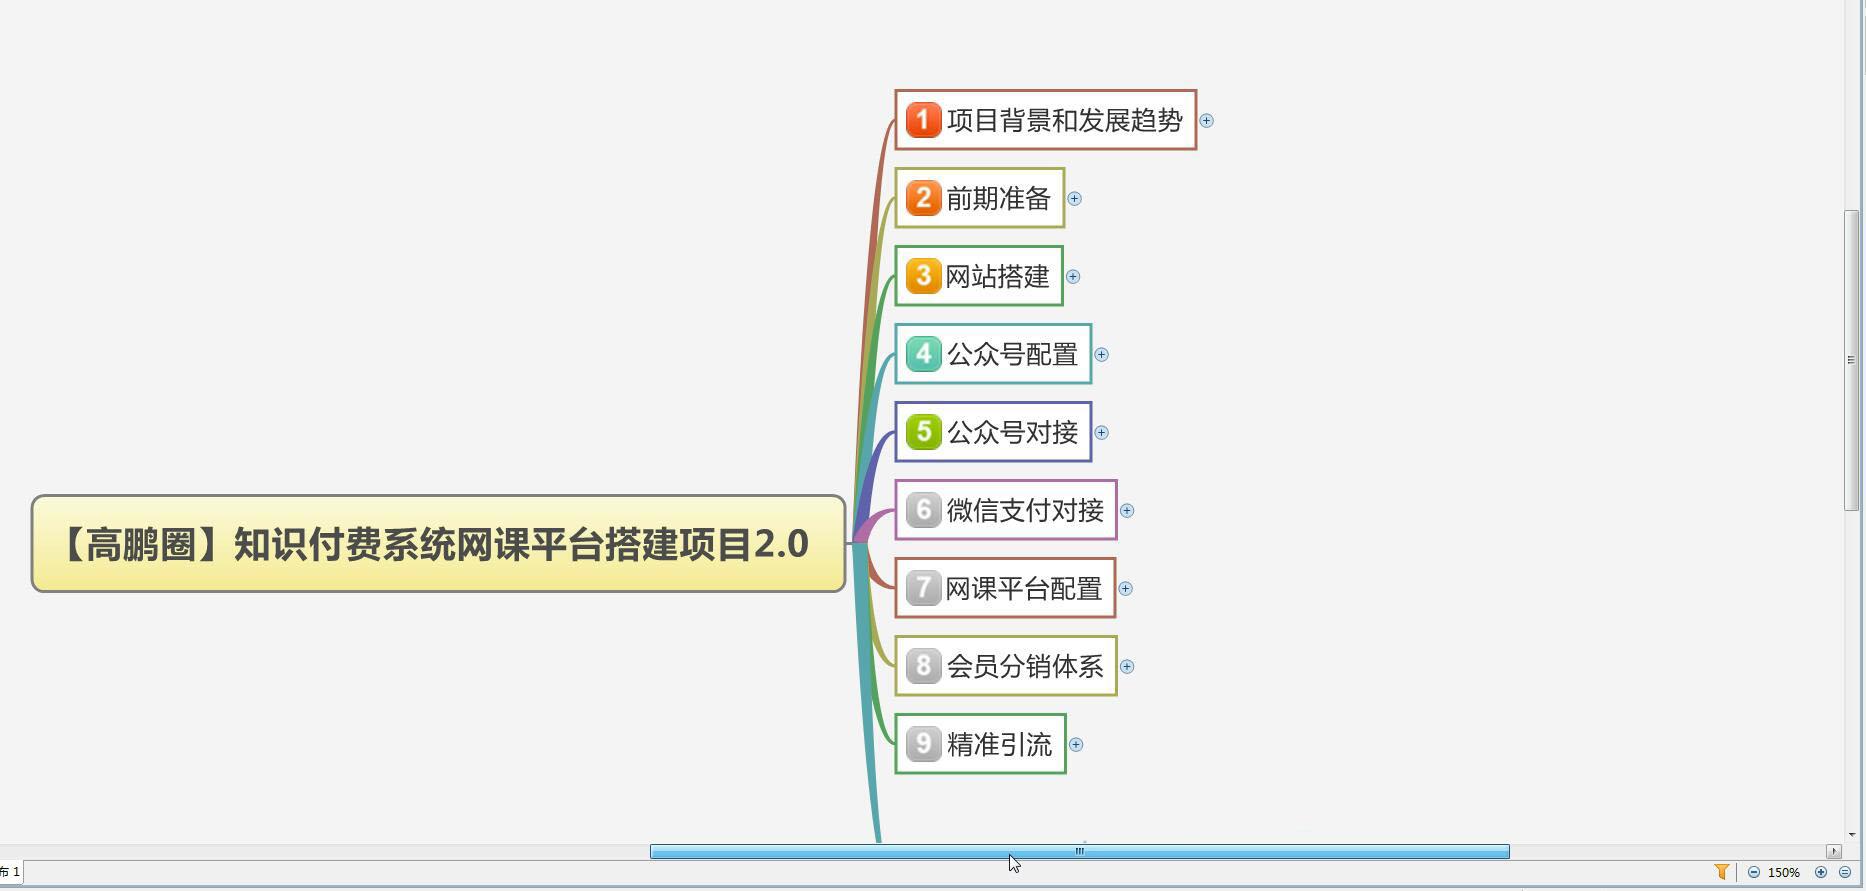 """021最新知识付费系统网课平台搭建项目2.0,价值999元"""""""